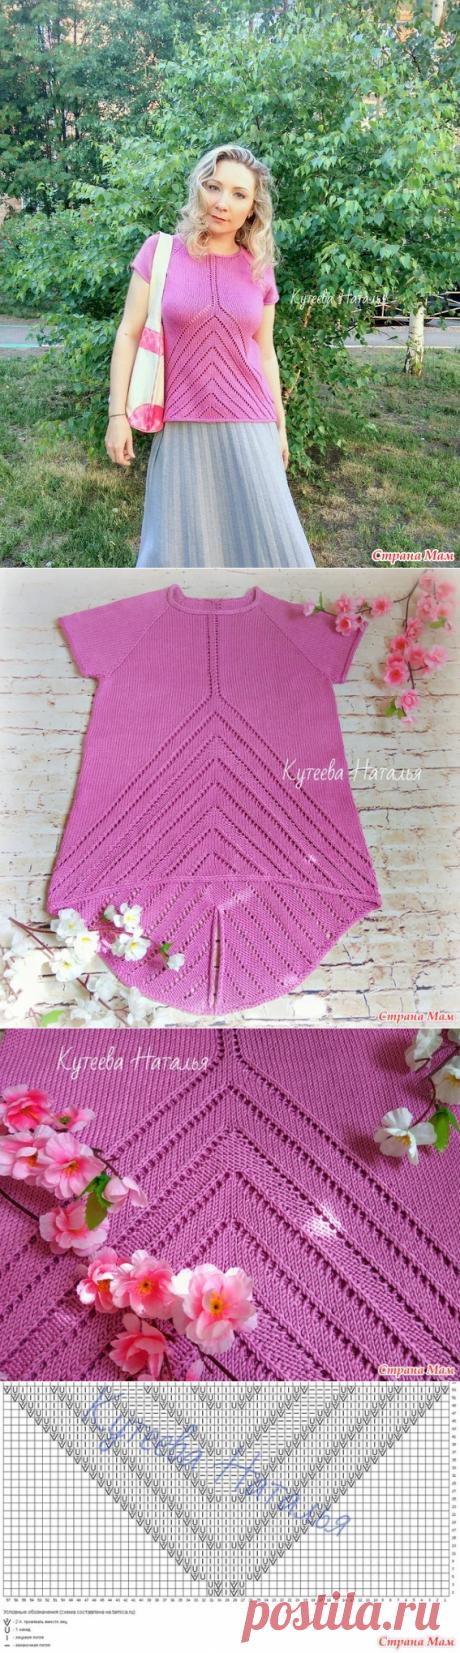 """Розовый джемпер """"Angles"""" спицами - Вязание - Страна Мам"""